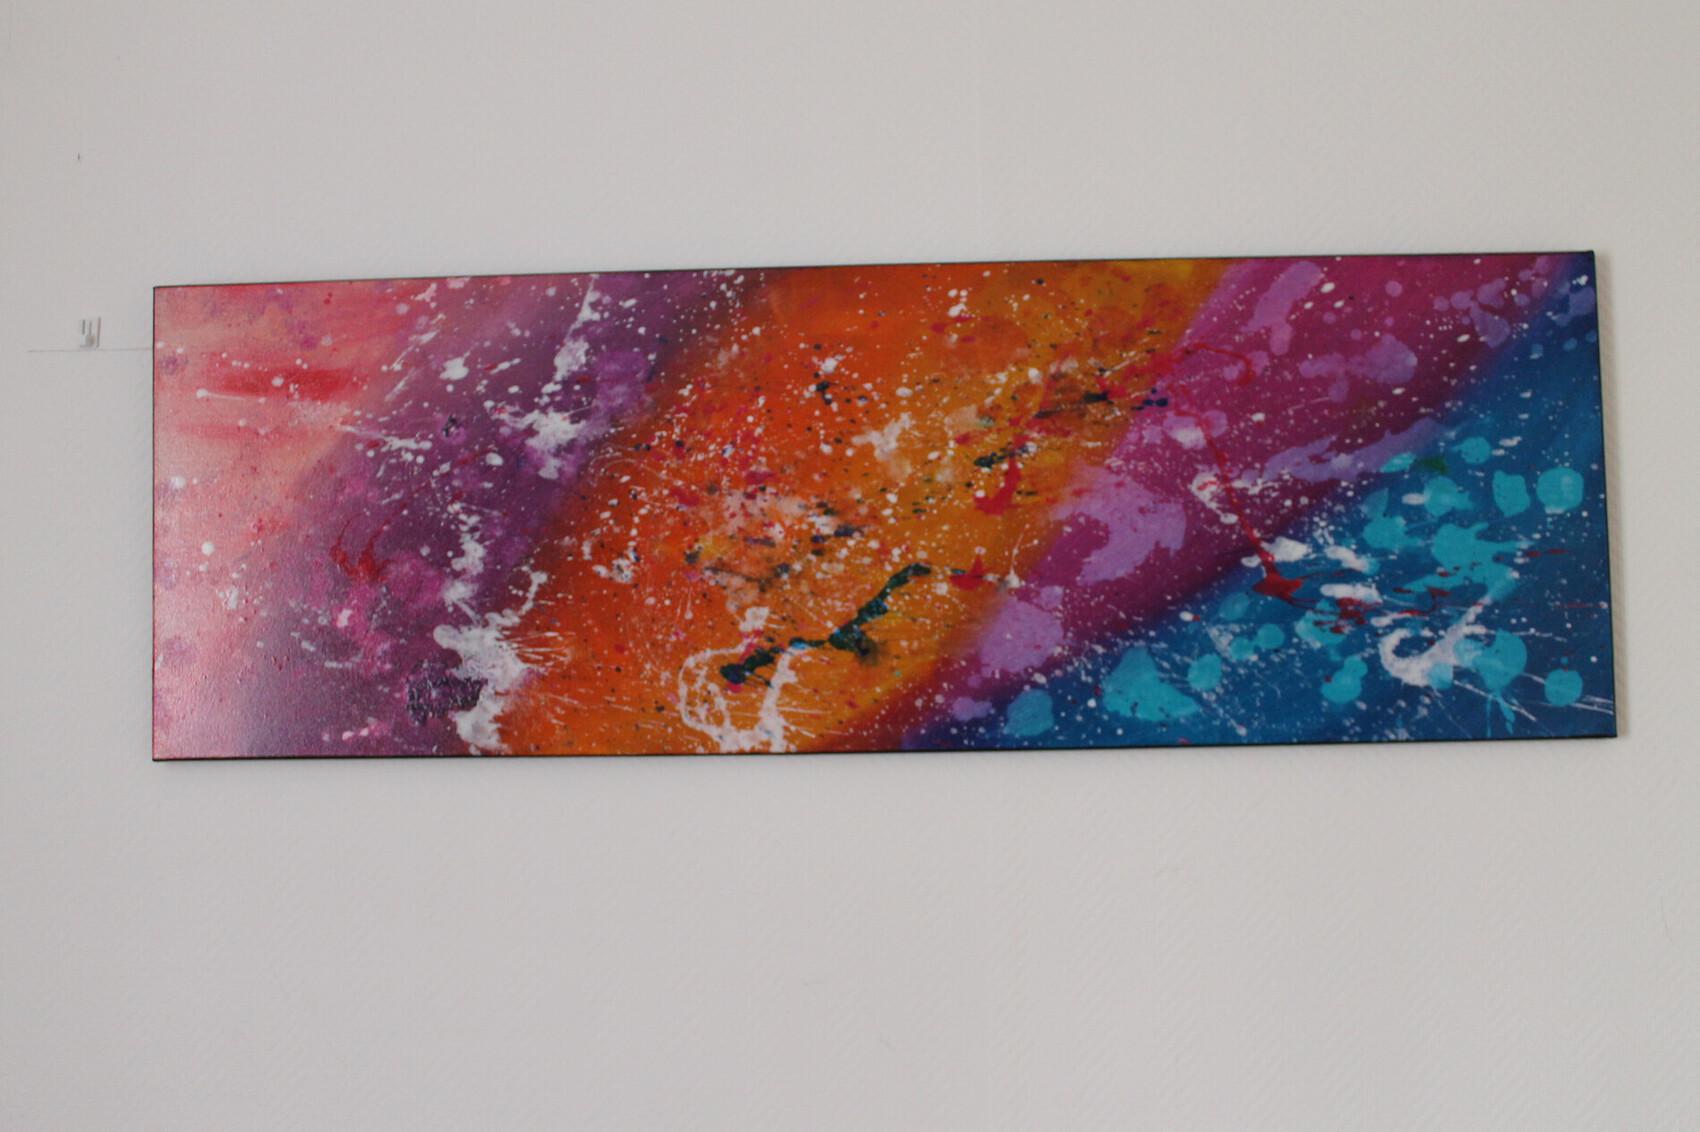 peinture moderne à la peinture acrylique pour la décoration, peinture d'art contemporain sur toile